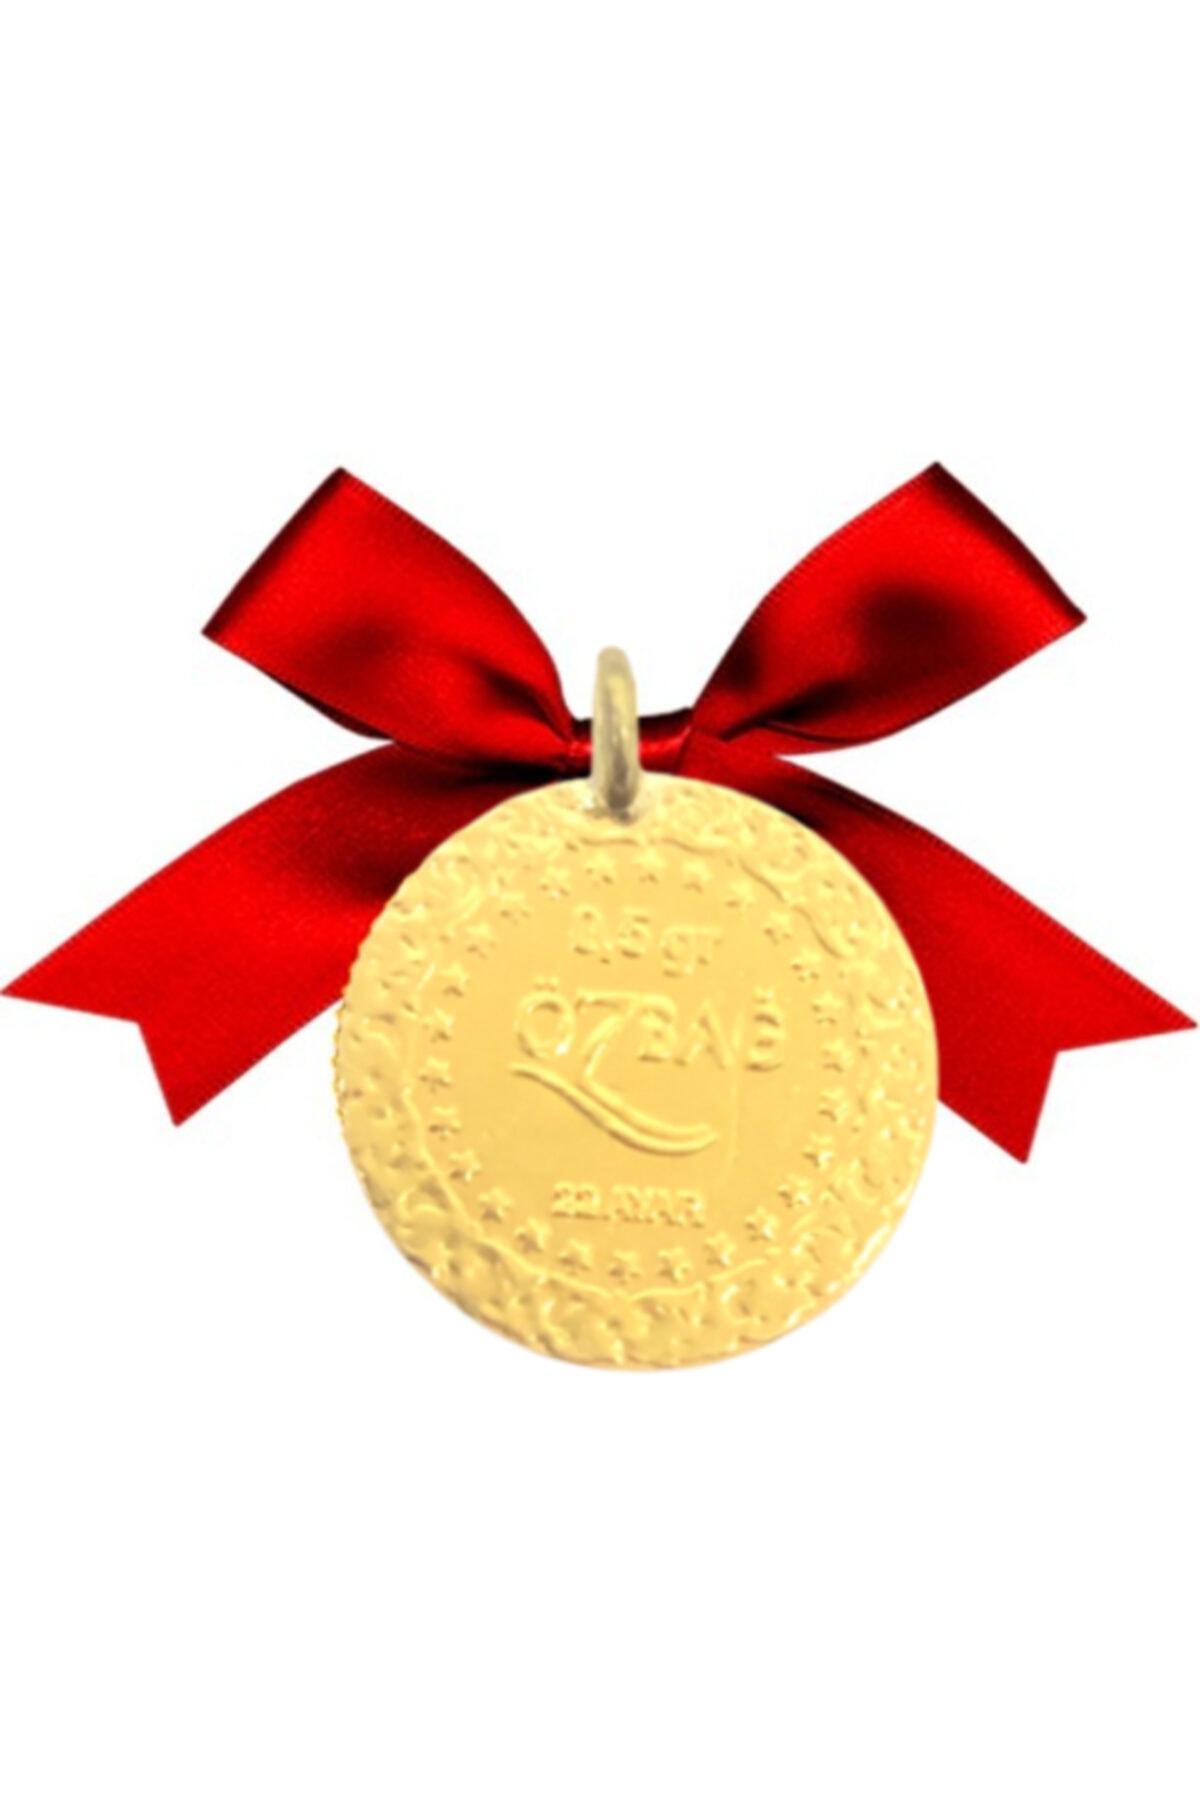 0,5 gram 22 Ayar Kulplu Altın